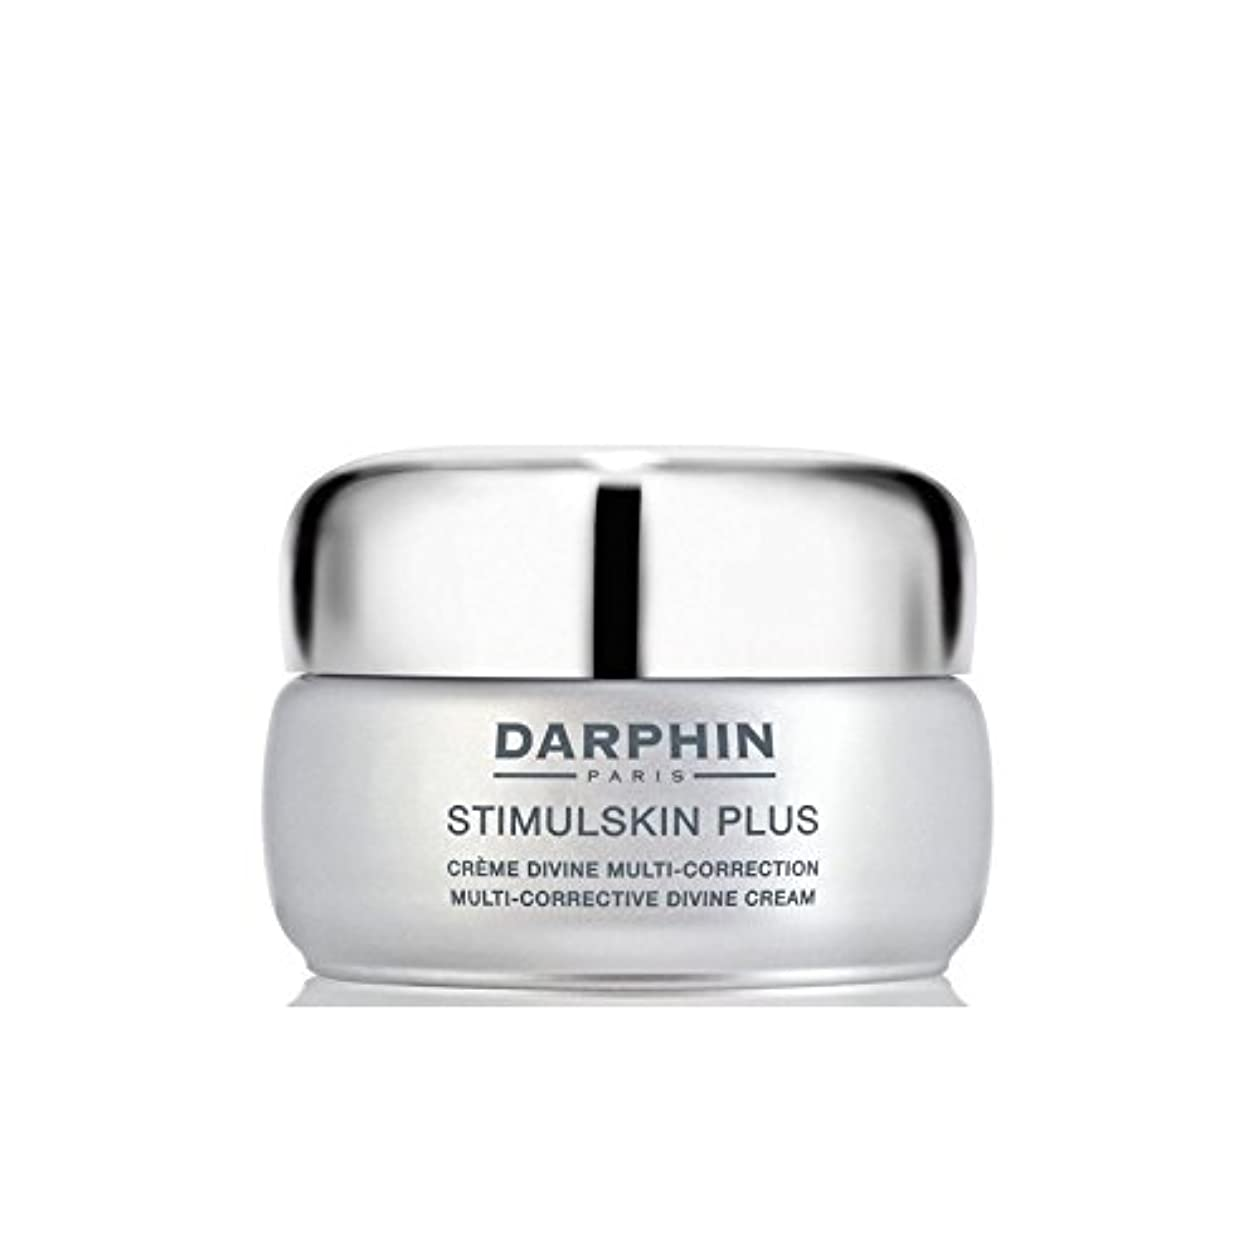 関数みすぼらしいビジターダルファンスティプラスマルチ是正神クリーム - 豊富 x2 - Darphin Stimulskin Plus Multi-Corrective Divine Cream - Rich (Pack of 2) [並行輸入品]